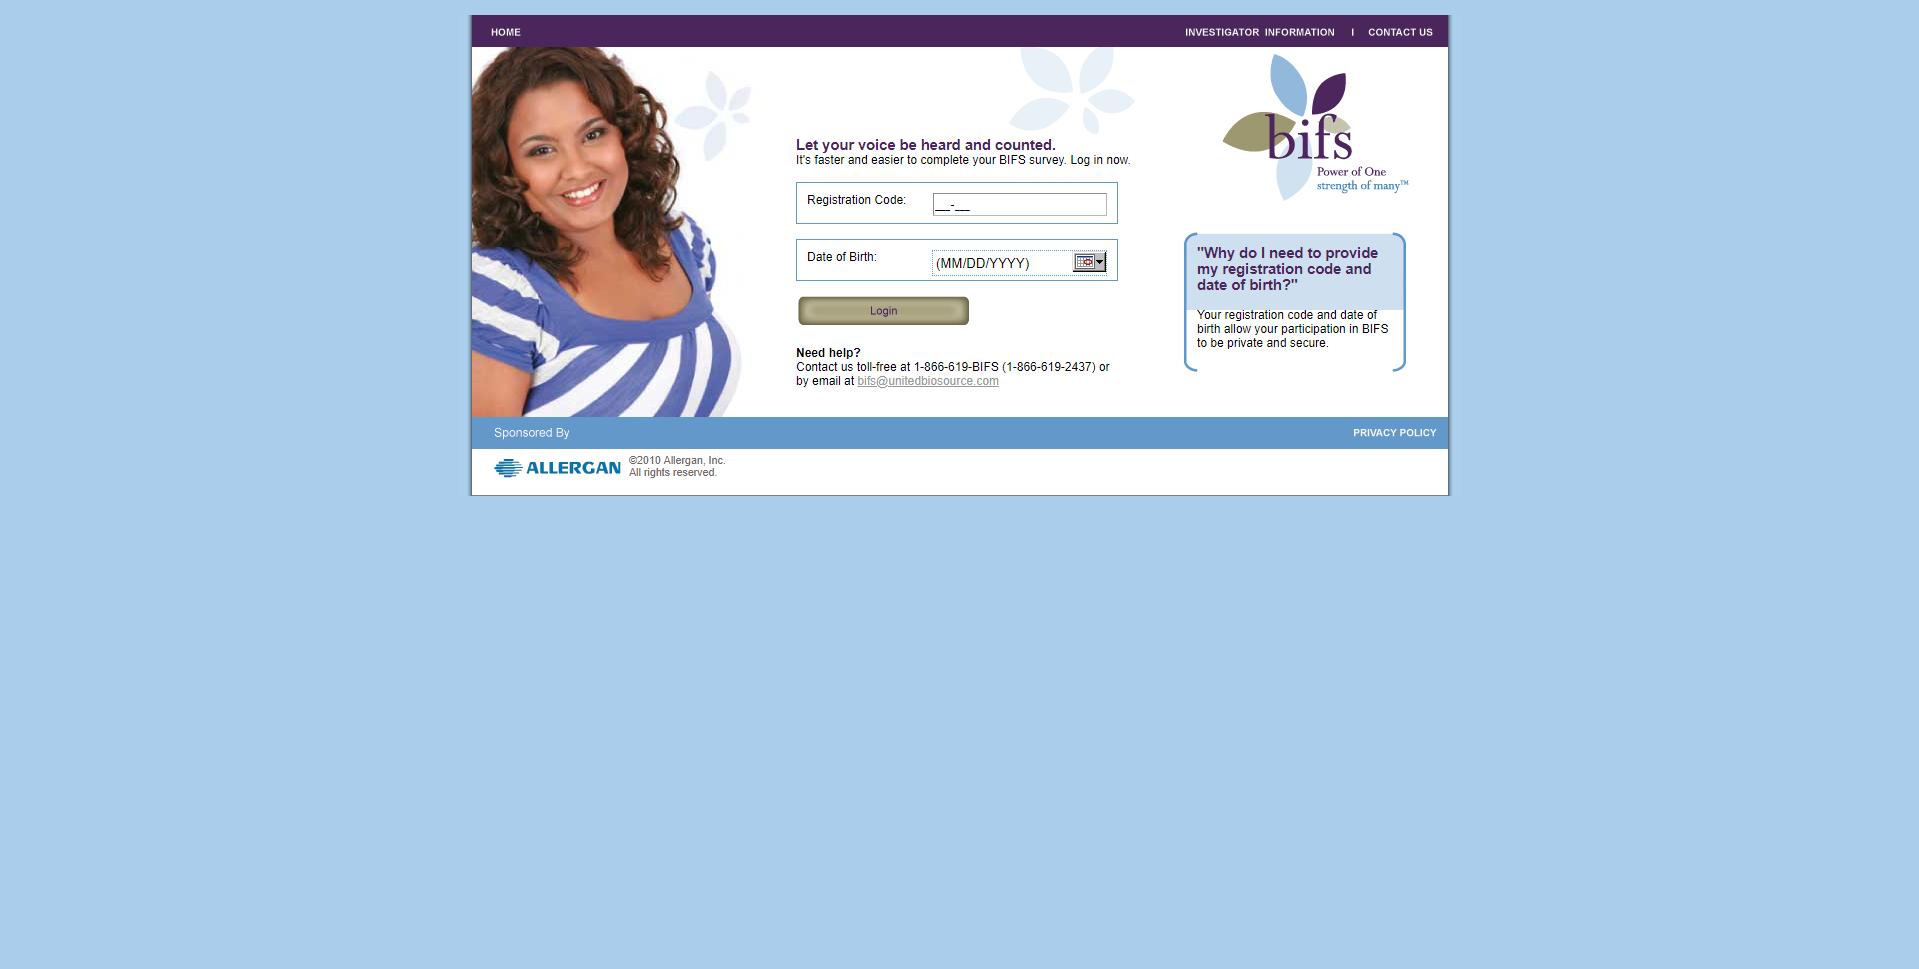 www.bifs.us/survey